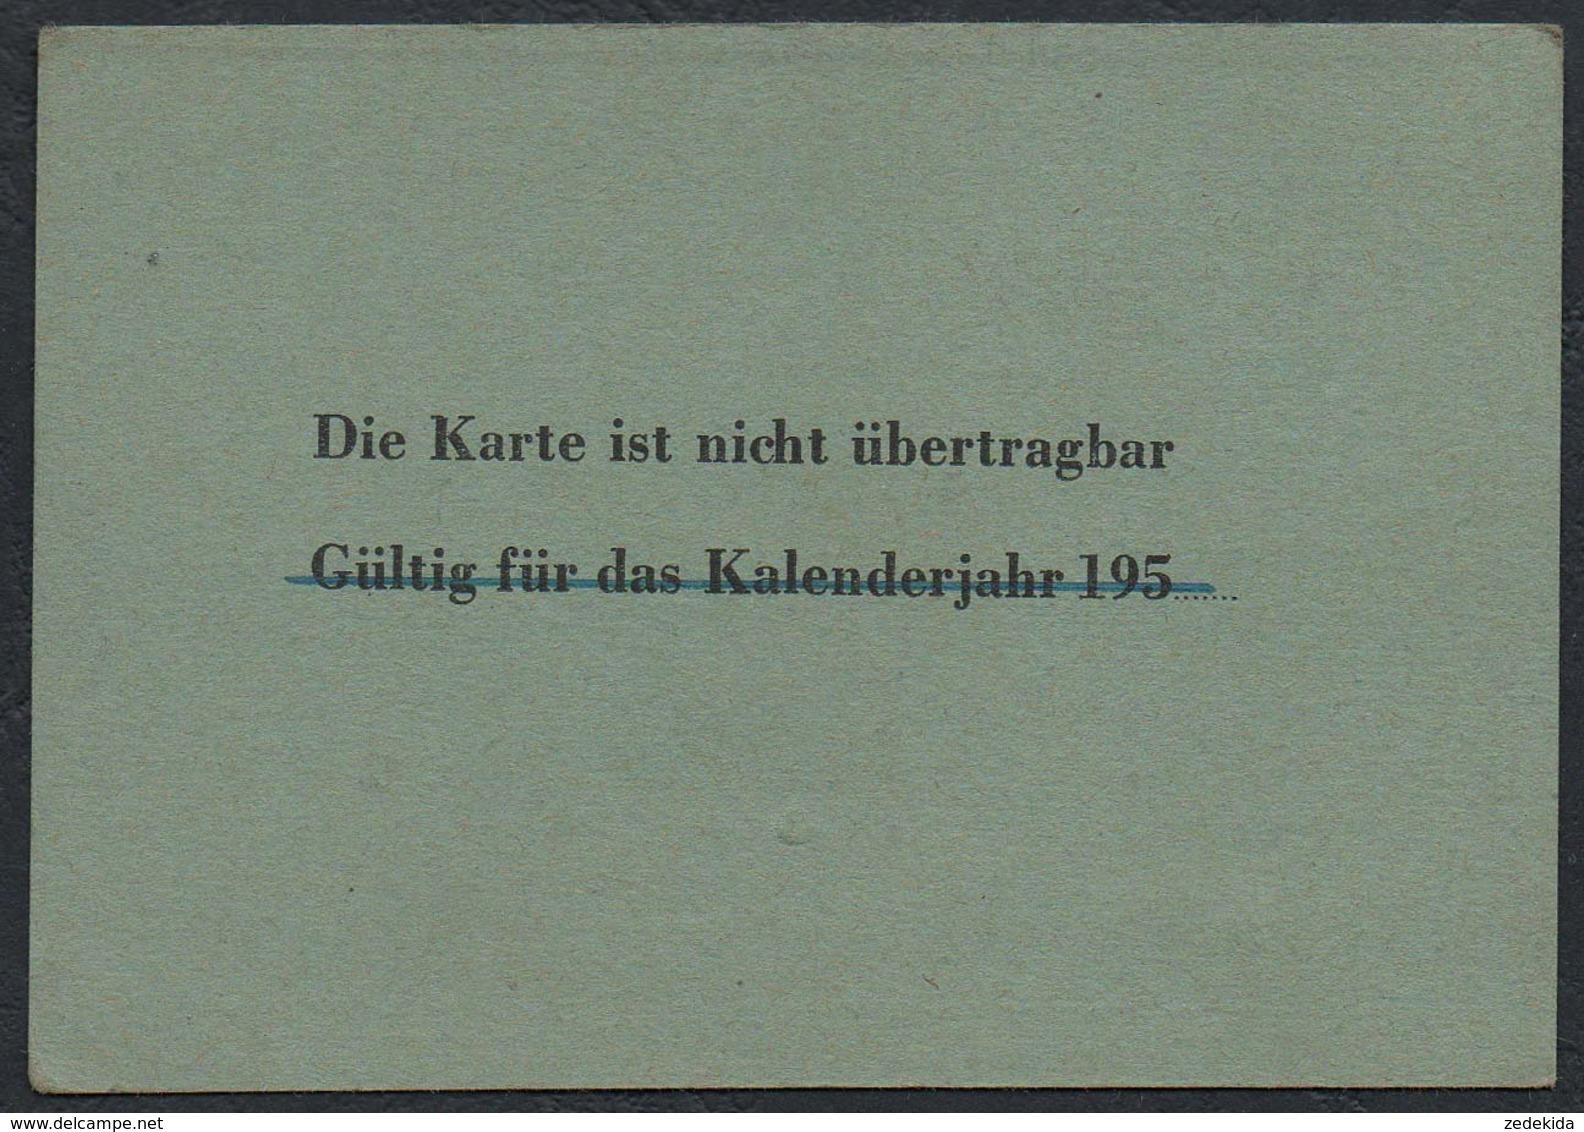 2716 - Deutsche Post Fahrkarte Dienstfahrkarte Postdirektion Leipzig - PA Rochlitz - Ausweis Dokument - Sonstige